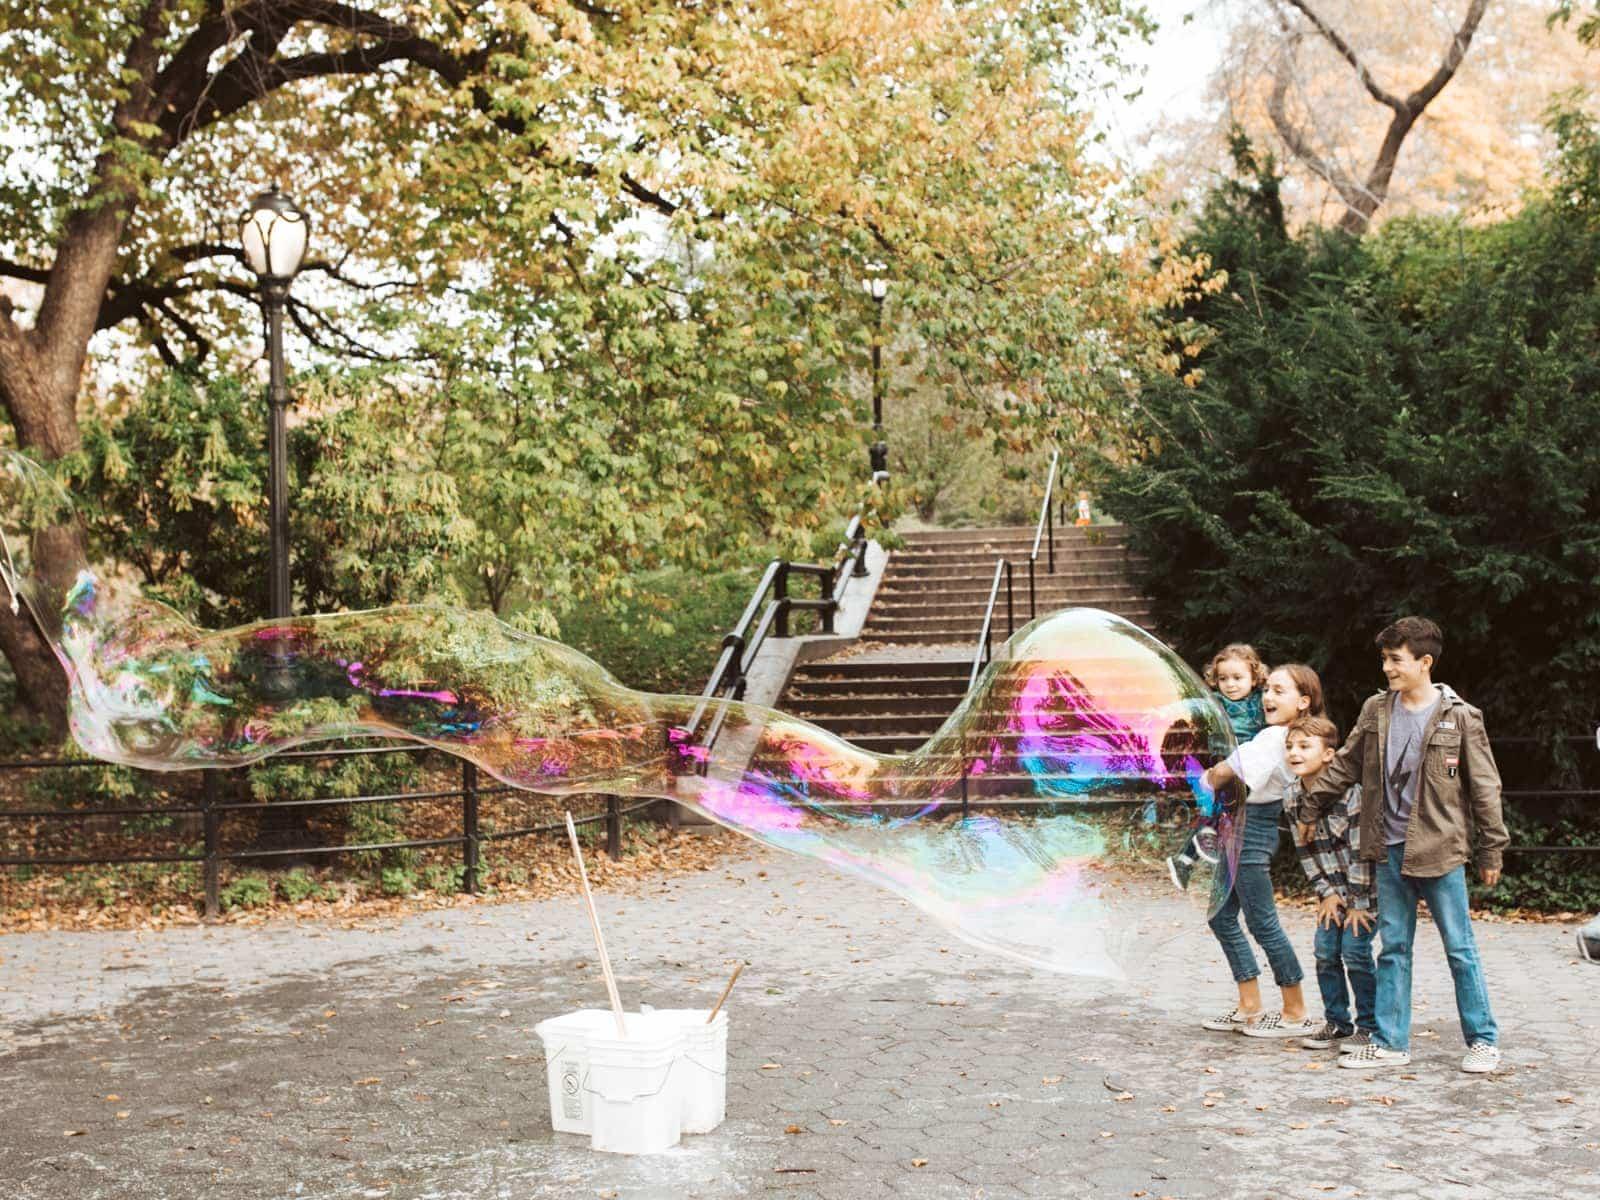 Bubbles at Central Park